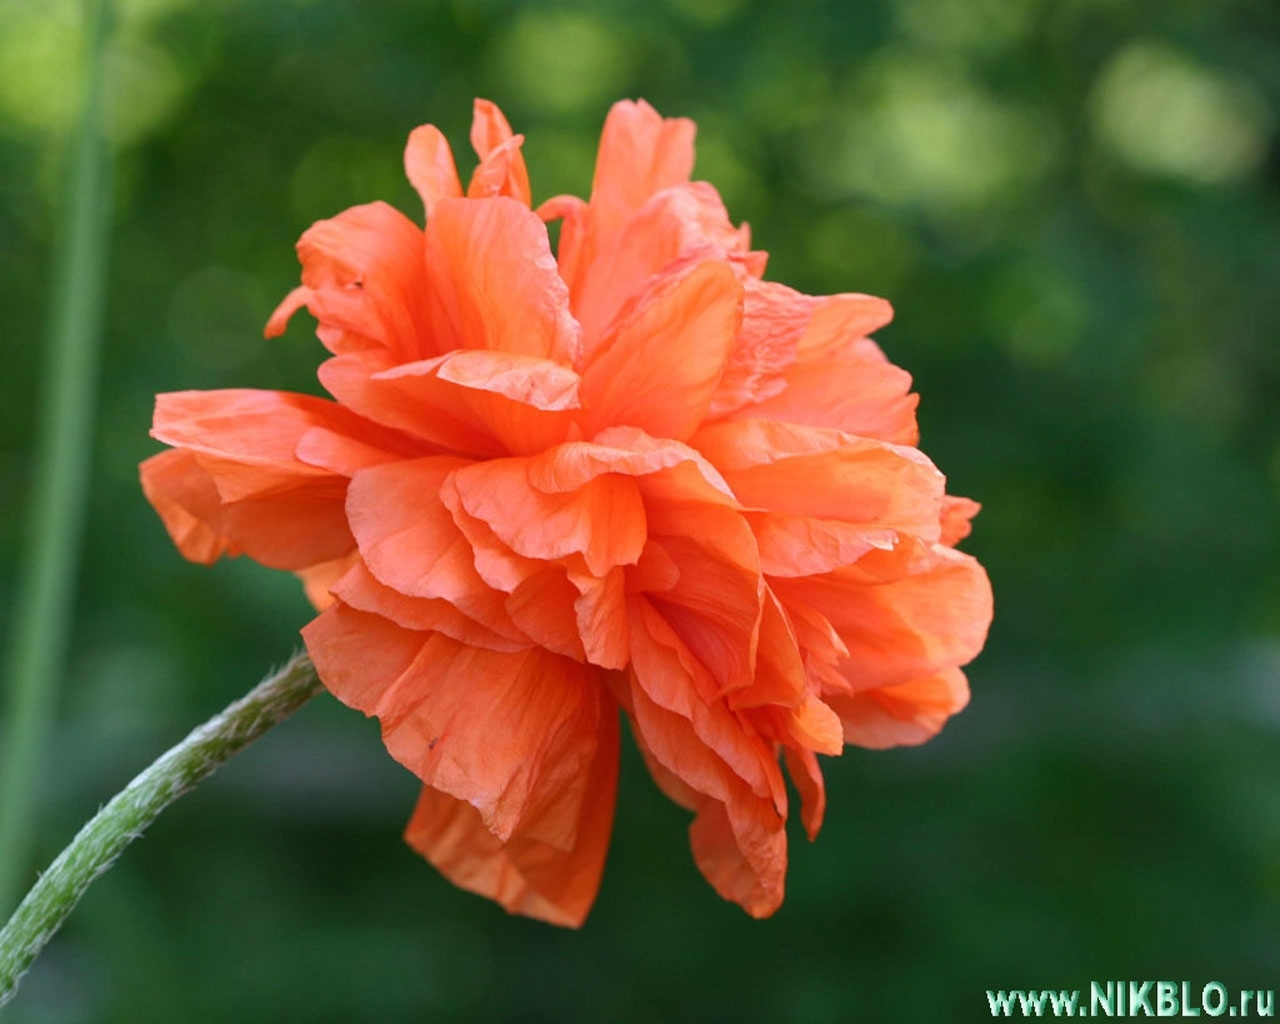 Скачать картинку Цветы, Растения в телефон бесплатно.